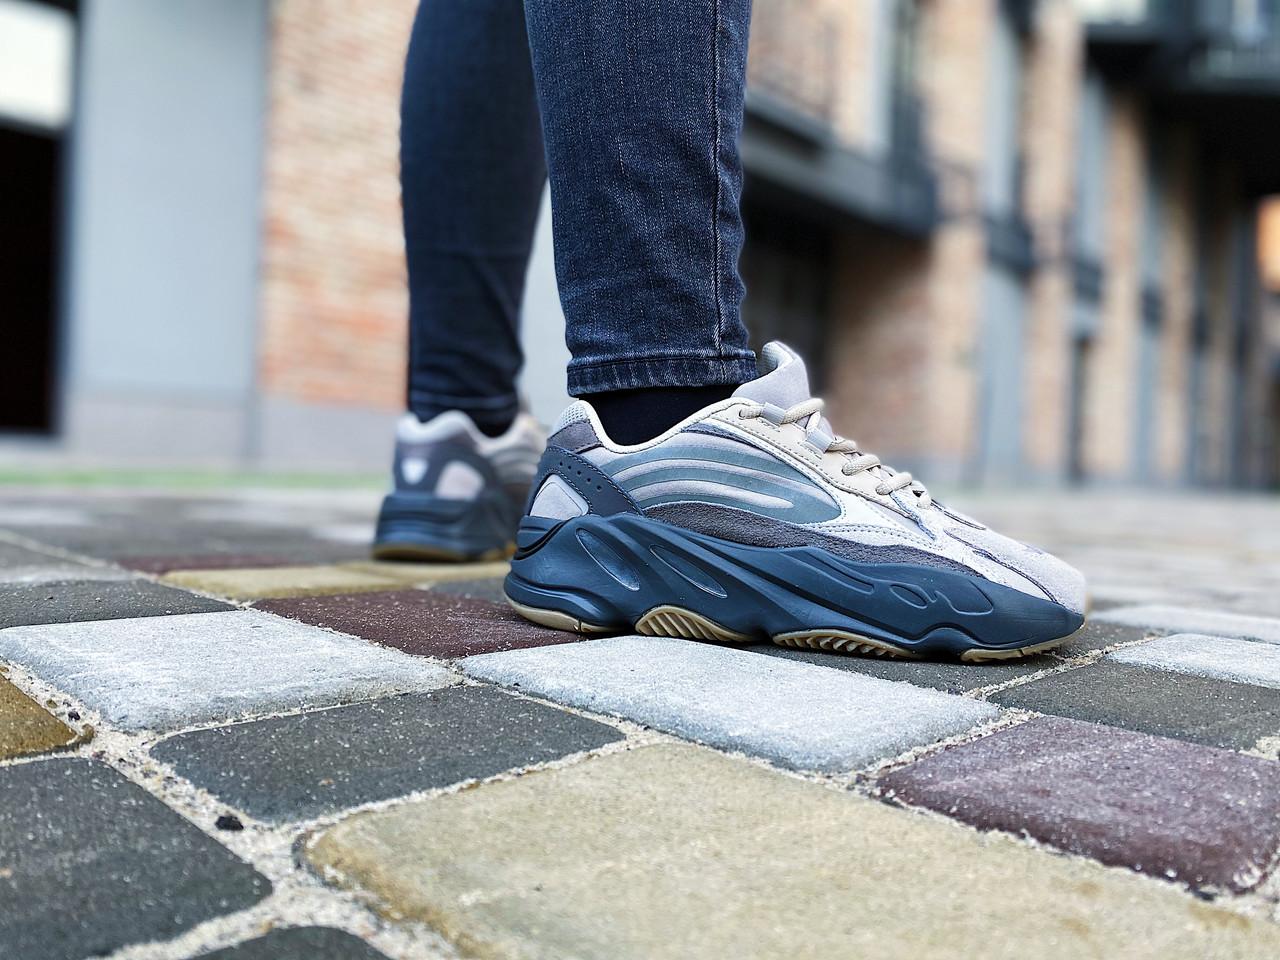 """Кроссовки женские Adidas Yeezy Boost 700 V2 """"Tephra"""" / FU7914 (Размеры:37,38,38.5,39)"""